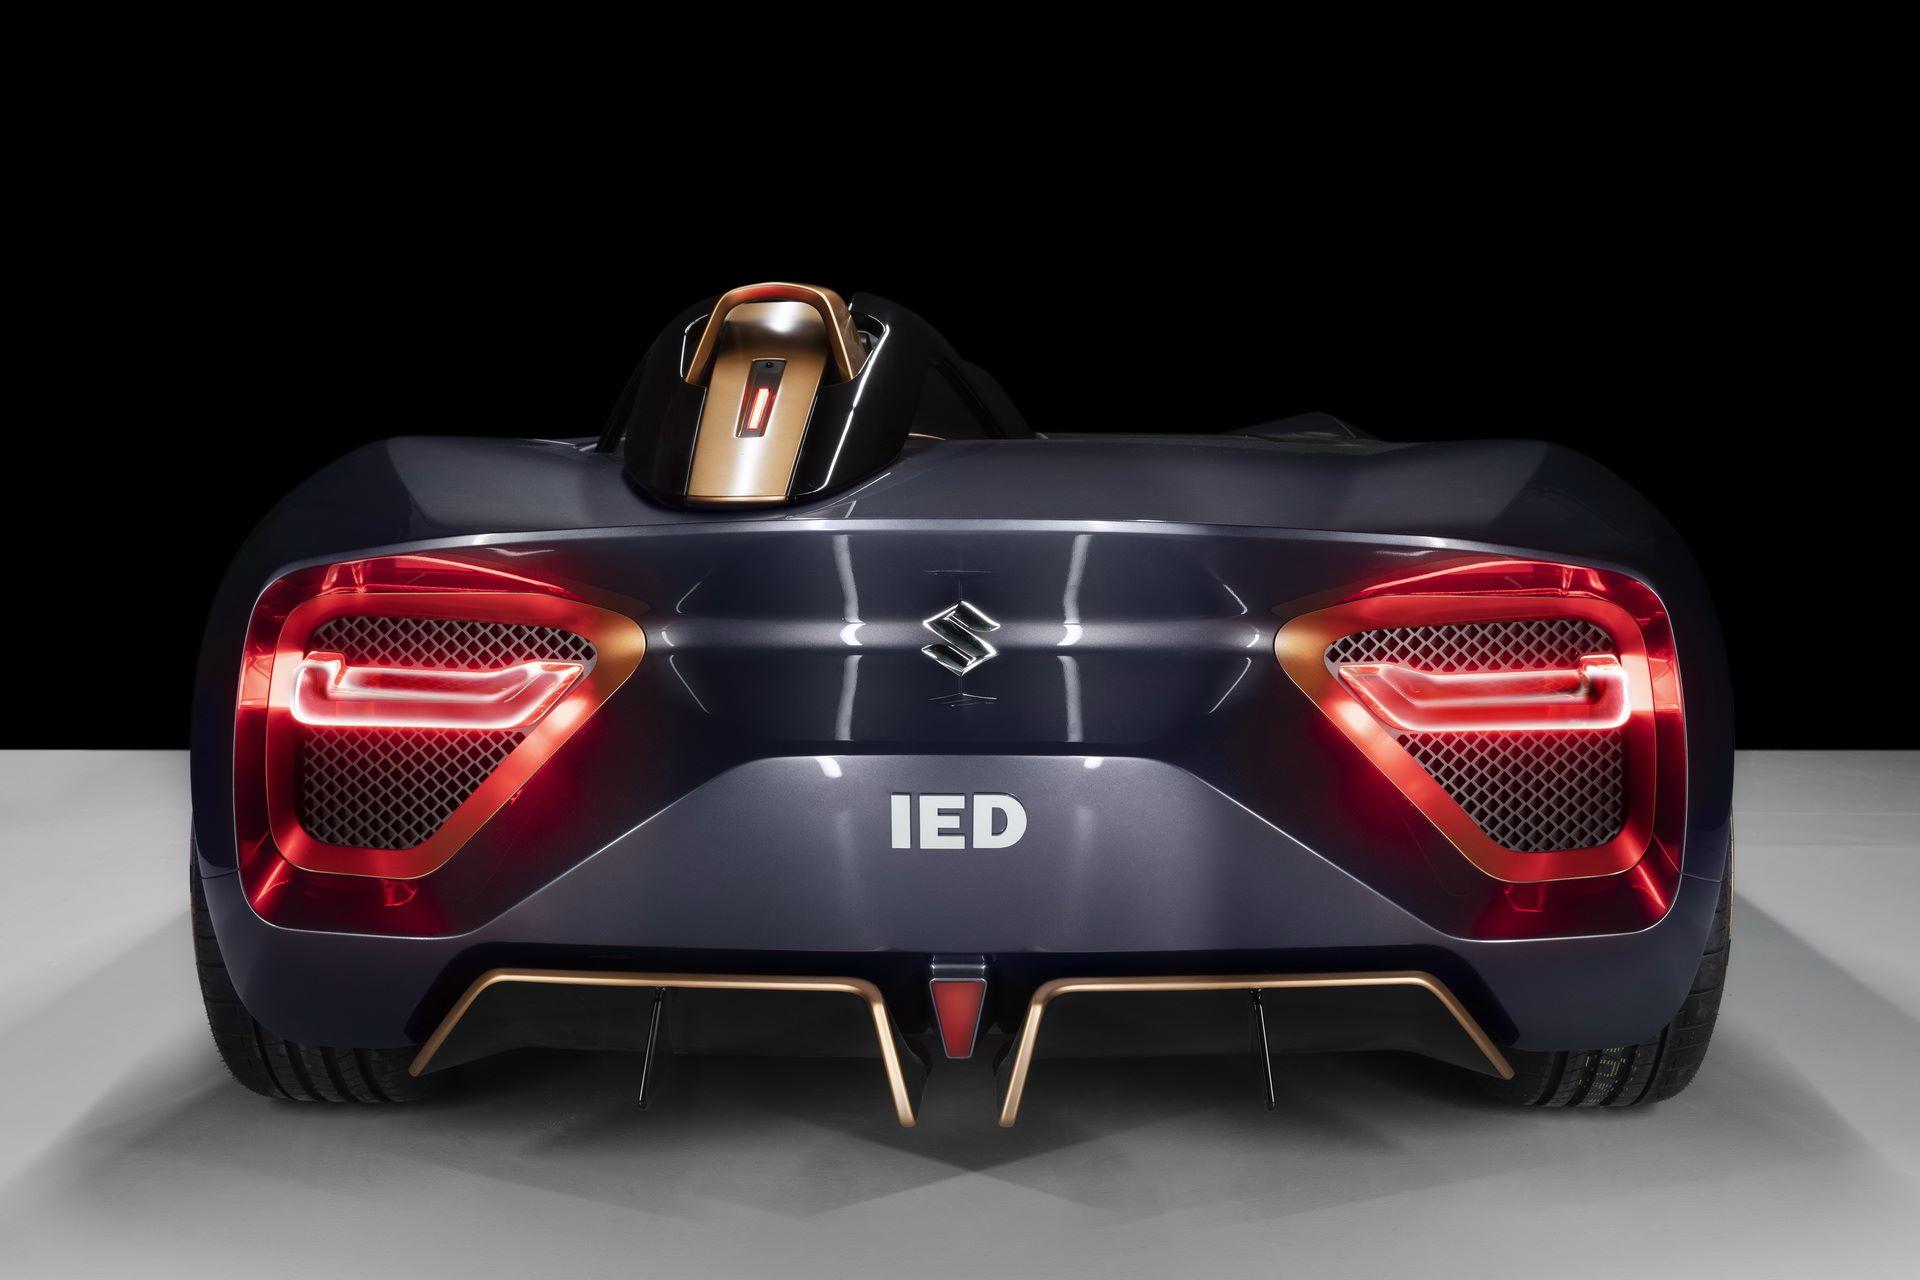 Suzuki-Misano-Concept-IED-14